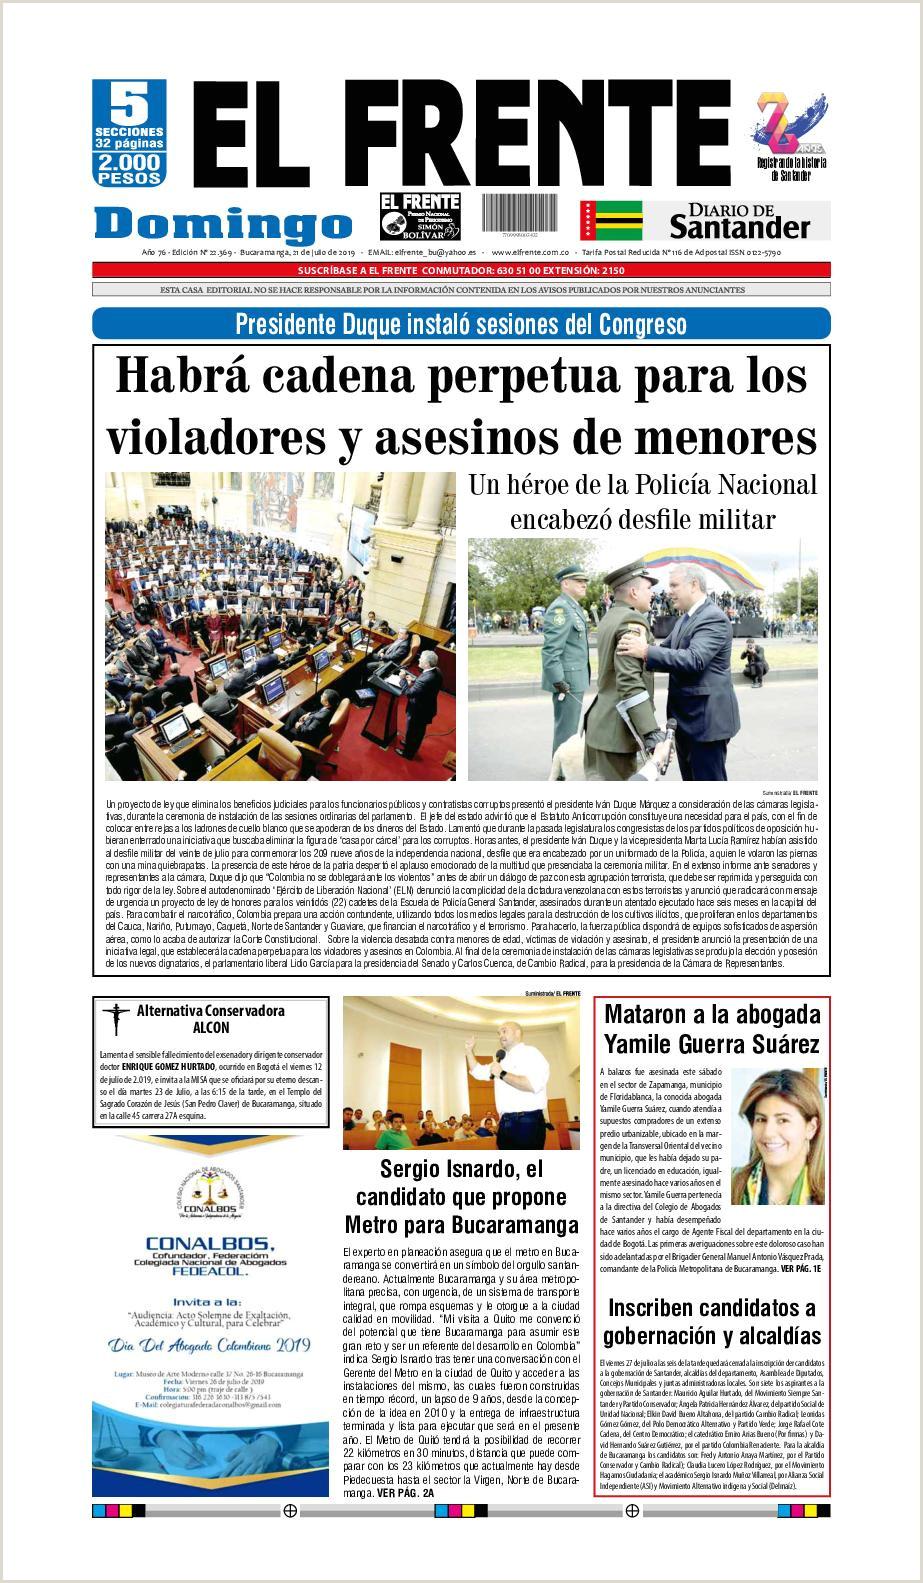 Hoja De Vida formato Minerva 1003 Descargar Gratis Calaméo 21 Jul 2019